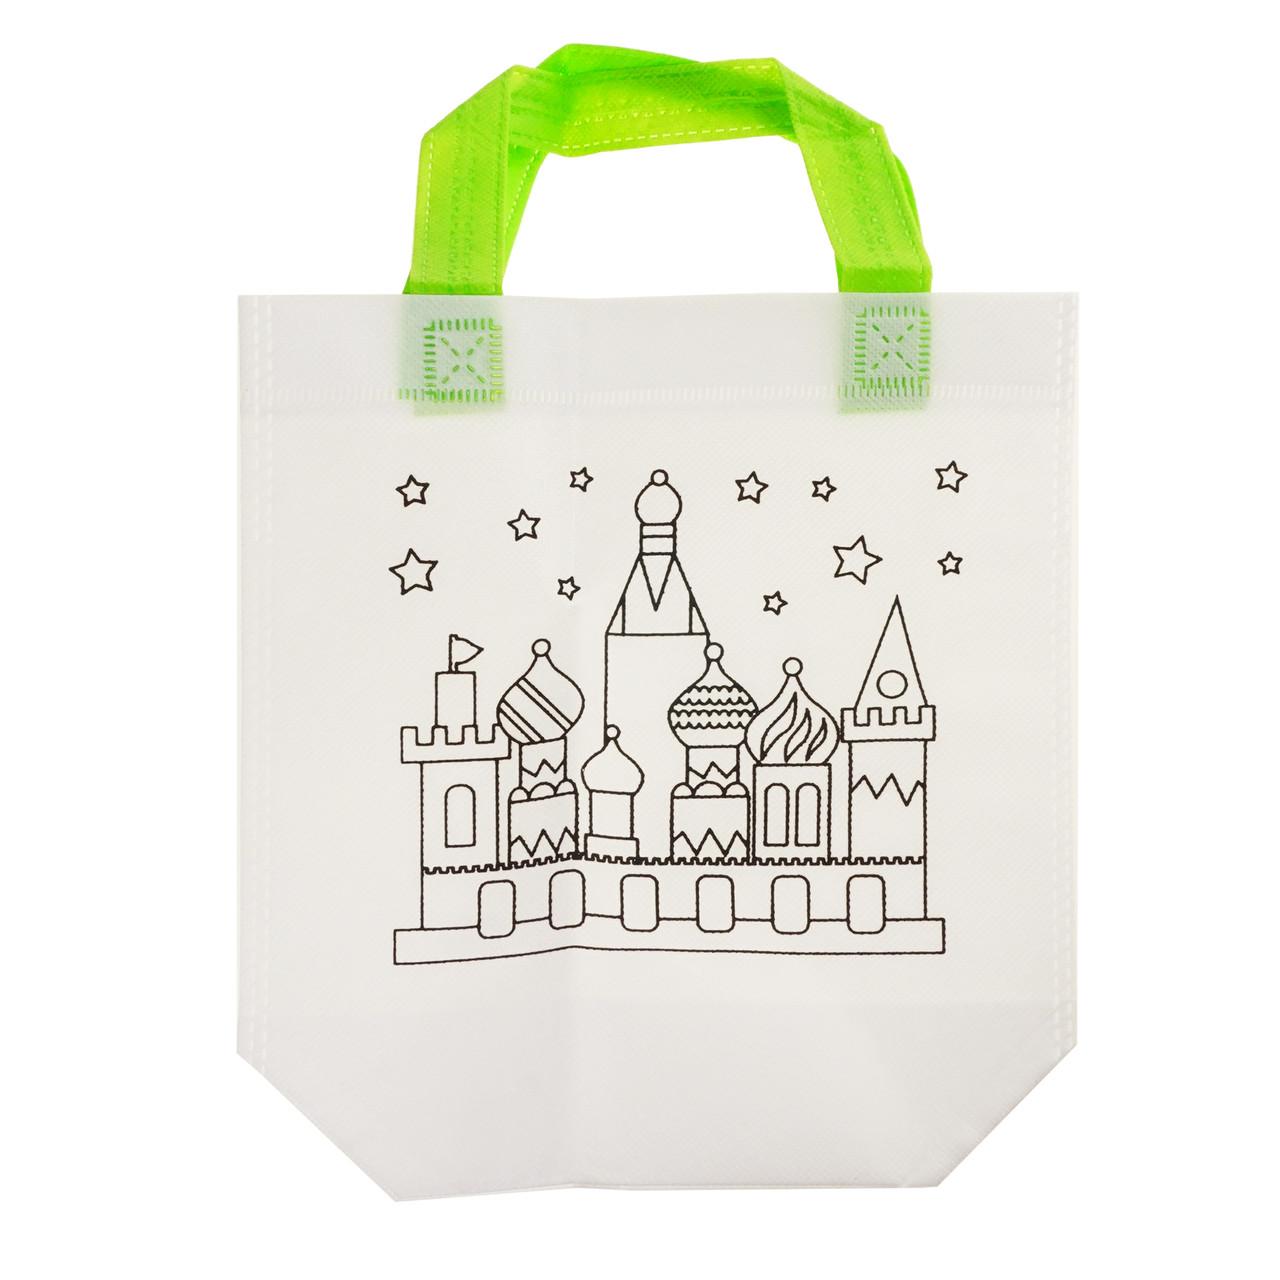 Детская сумка раскраска Замок - эко сумка набор для раскрашивания с фломастерами